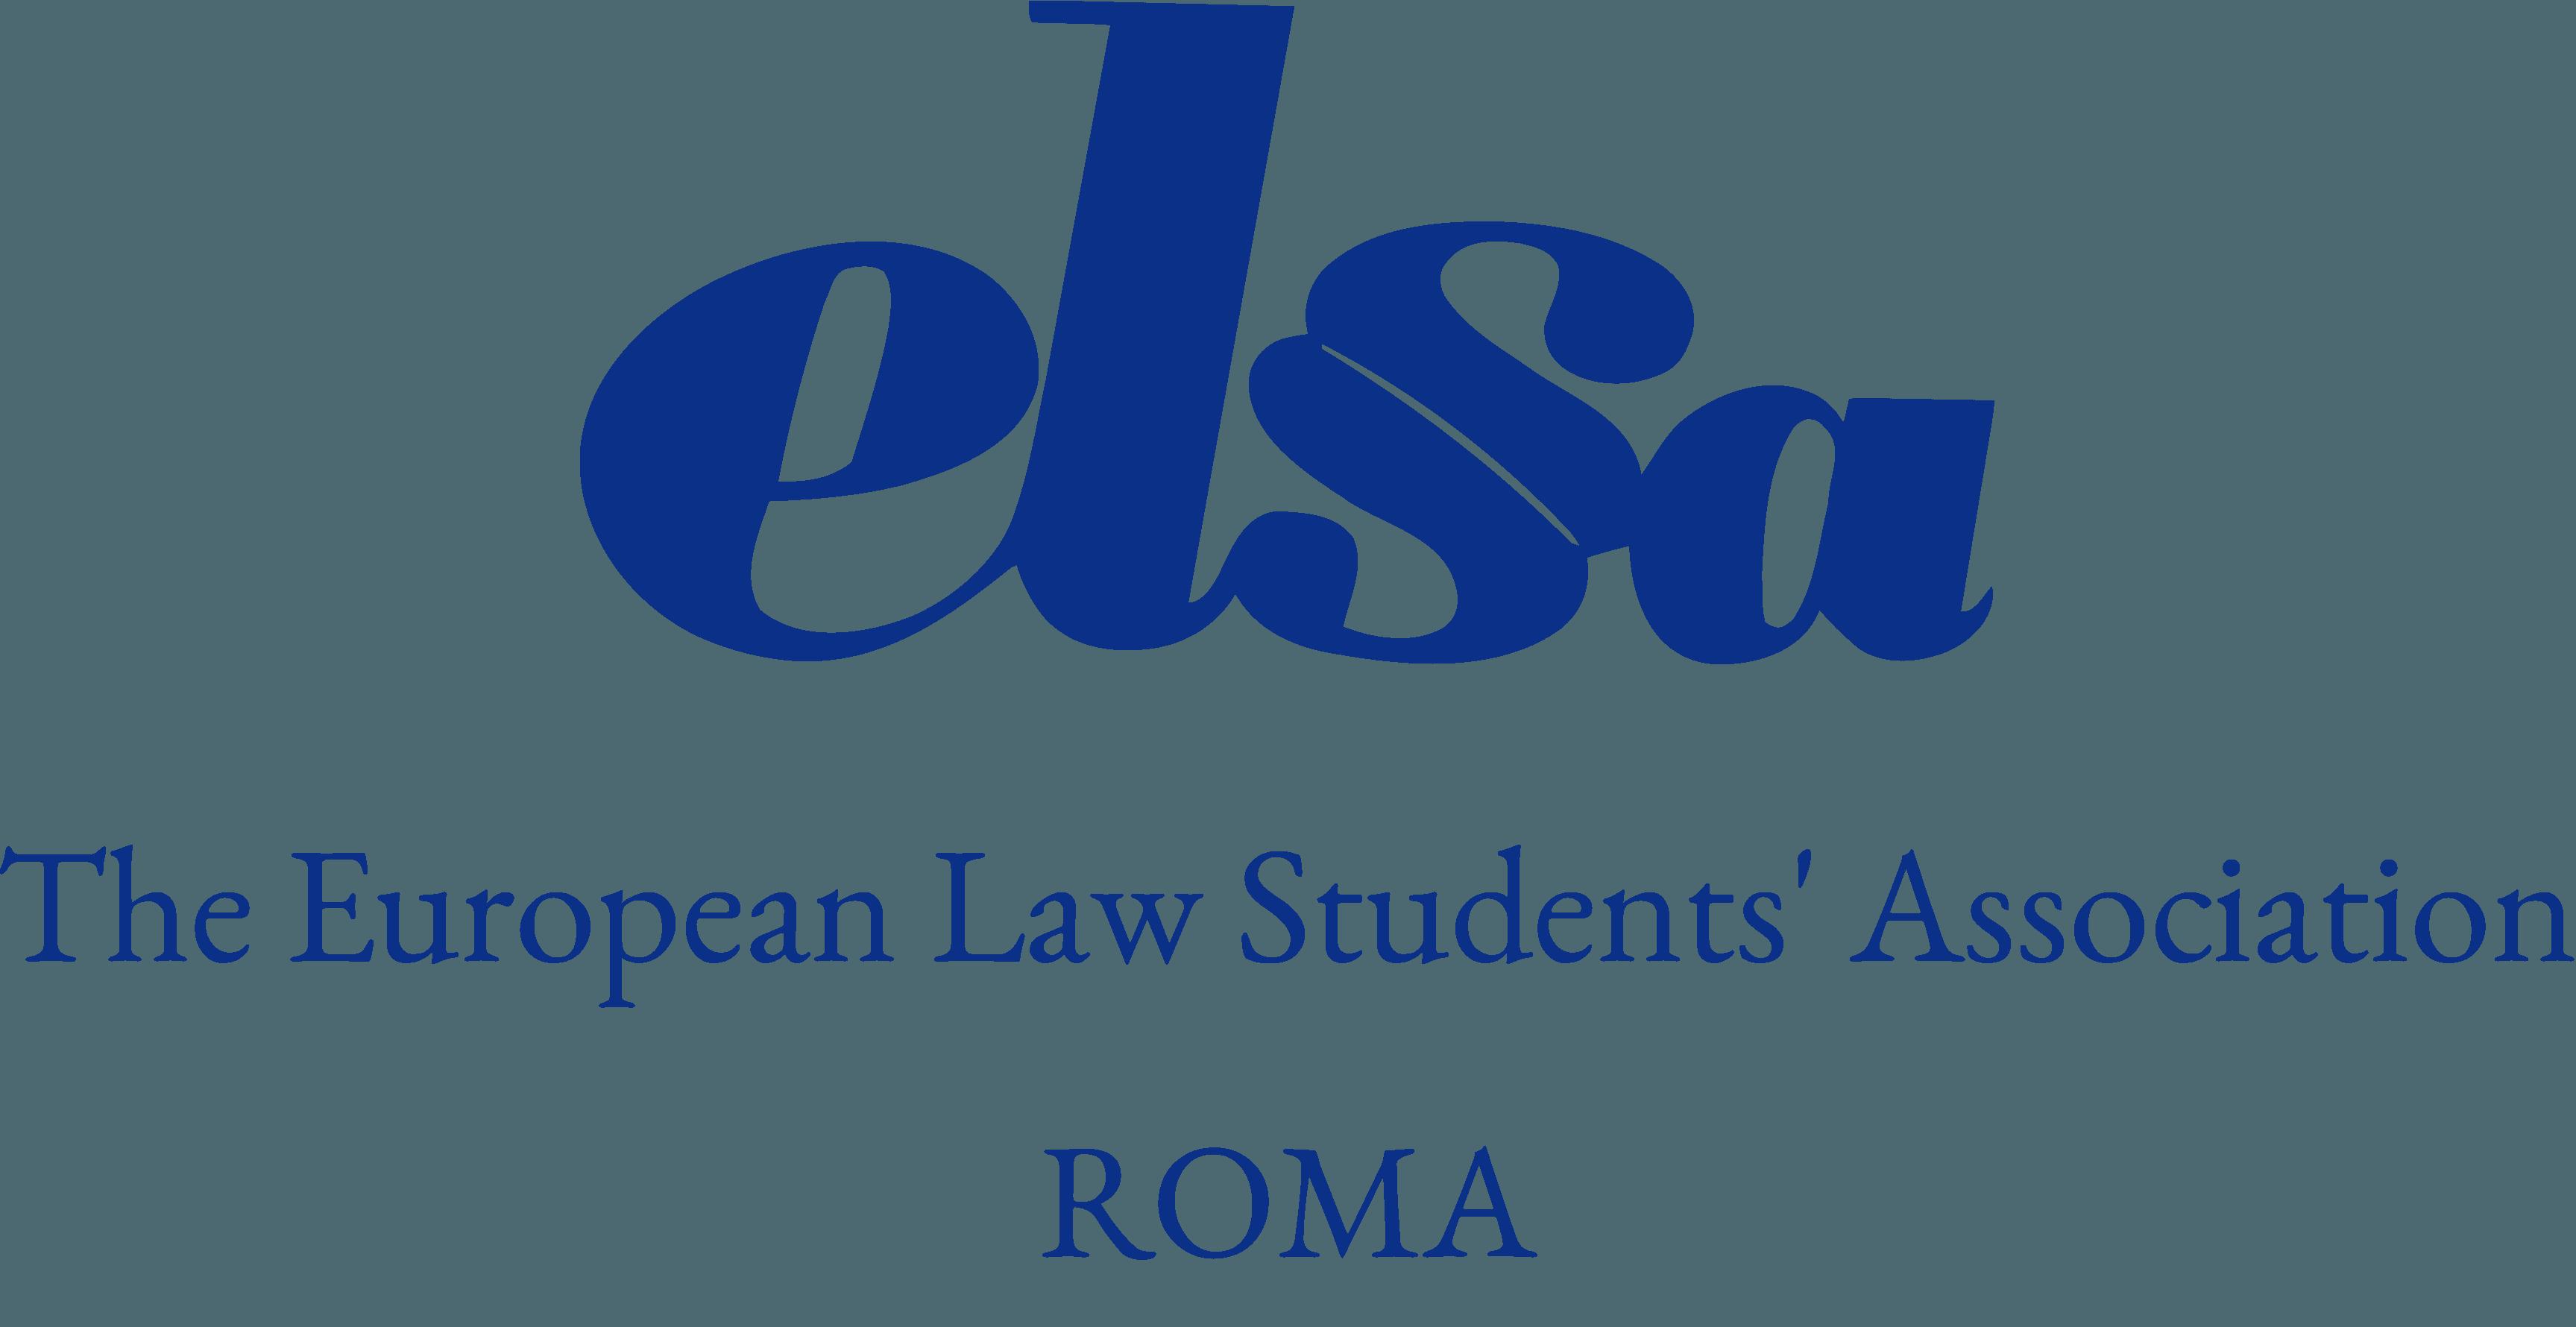 ELSA Roma